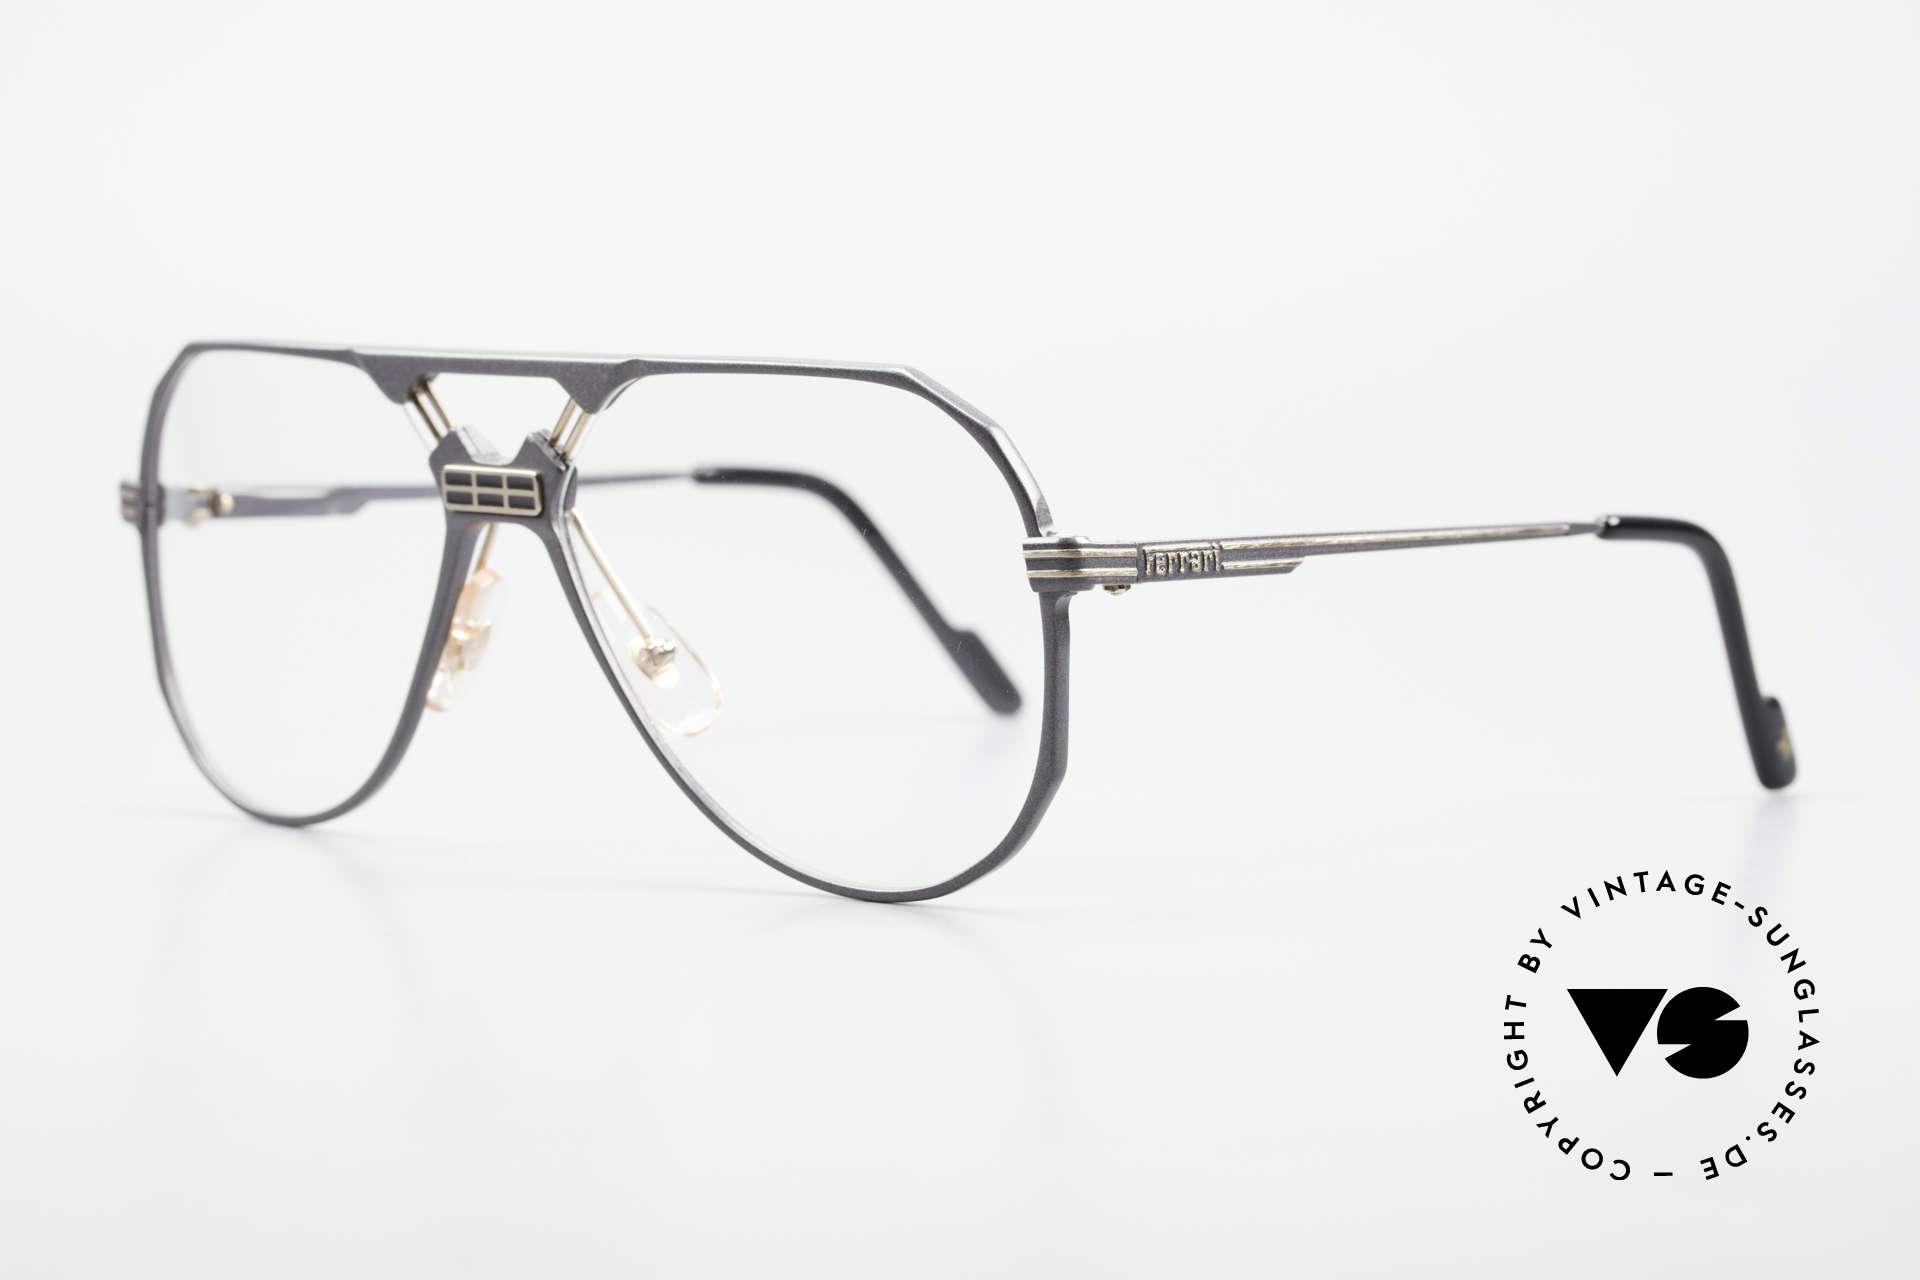 Ferrari F23 Formula 1 Ferrari Glasses Men, noble frame design (hybrid between sport & chic), Made for Men